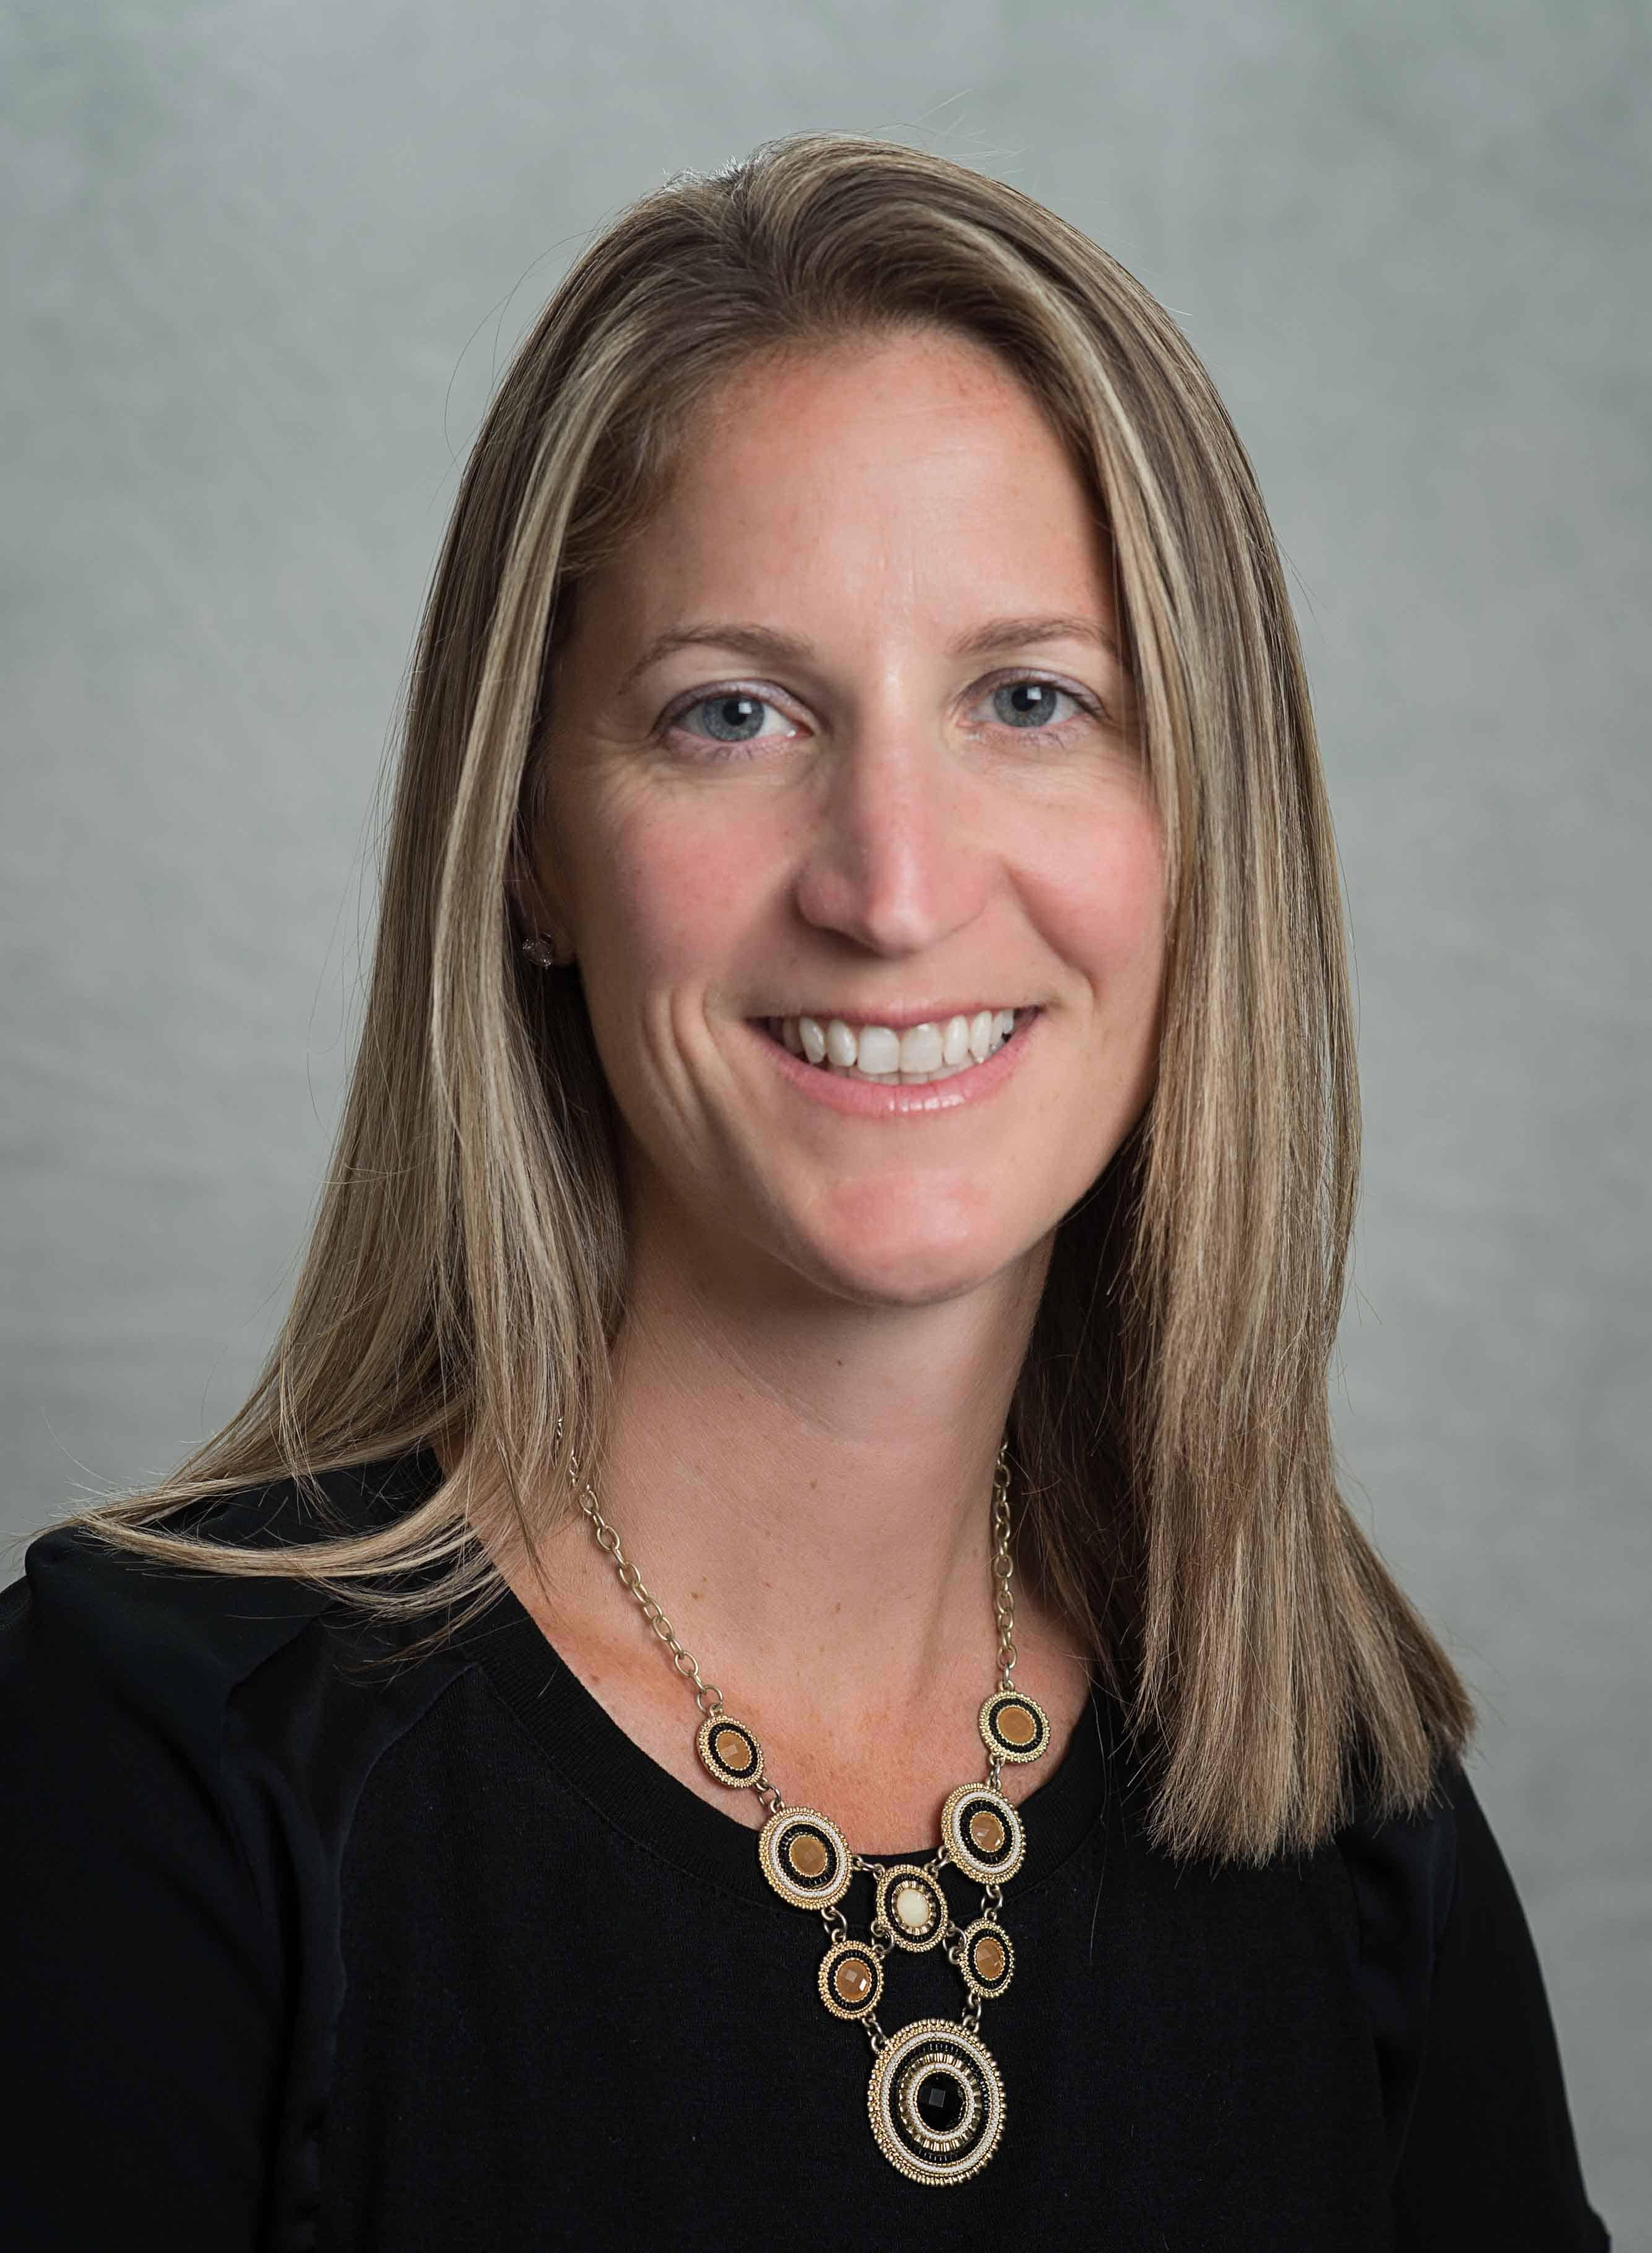 Jill Falconi Mahady